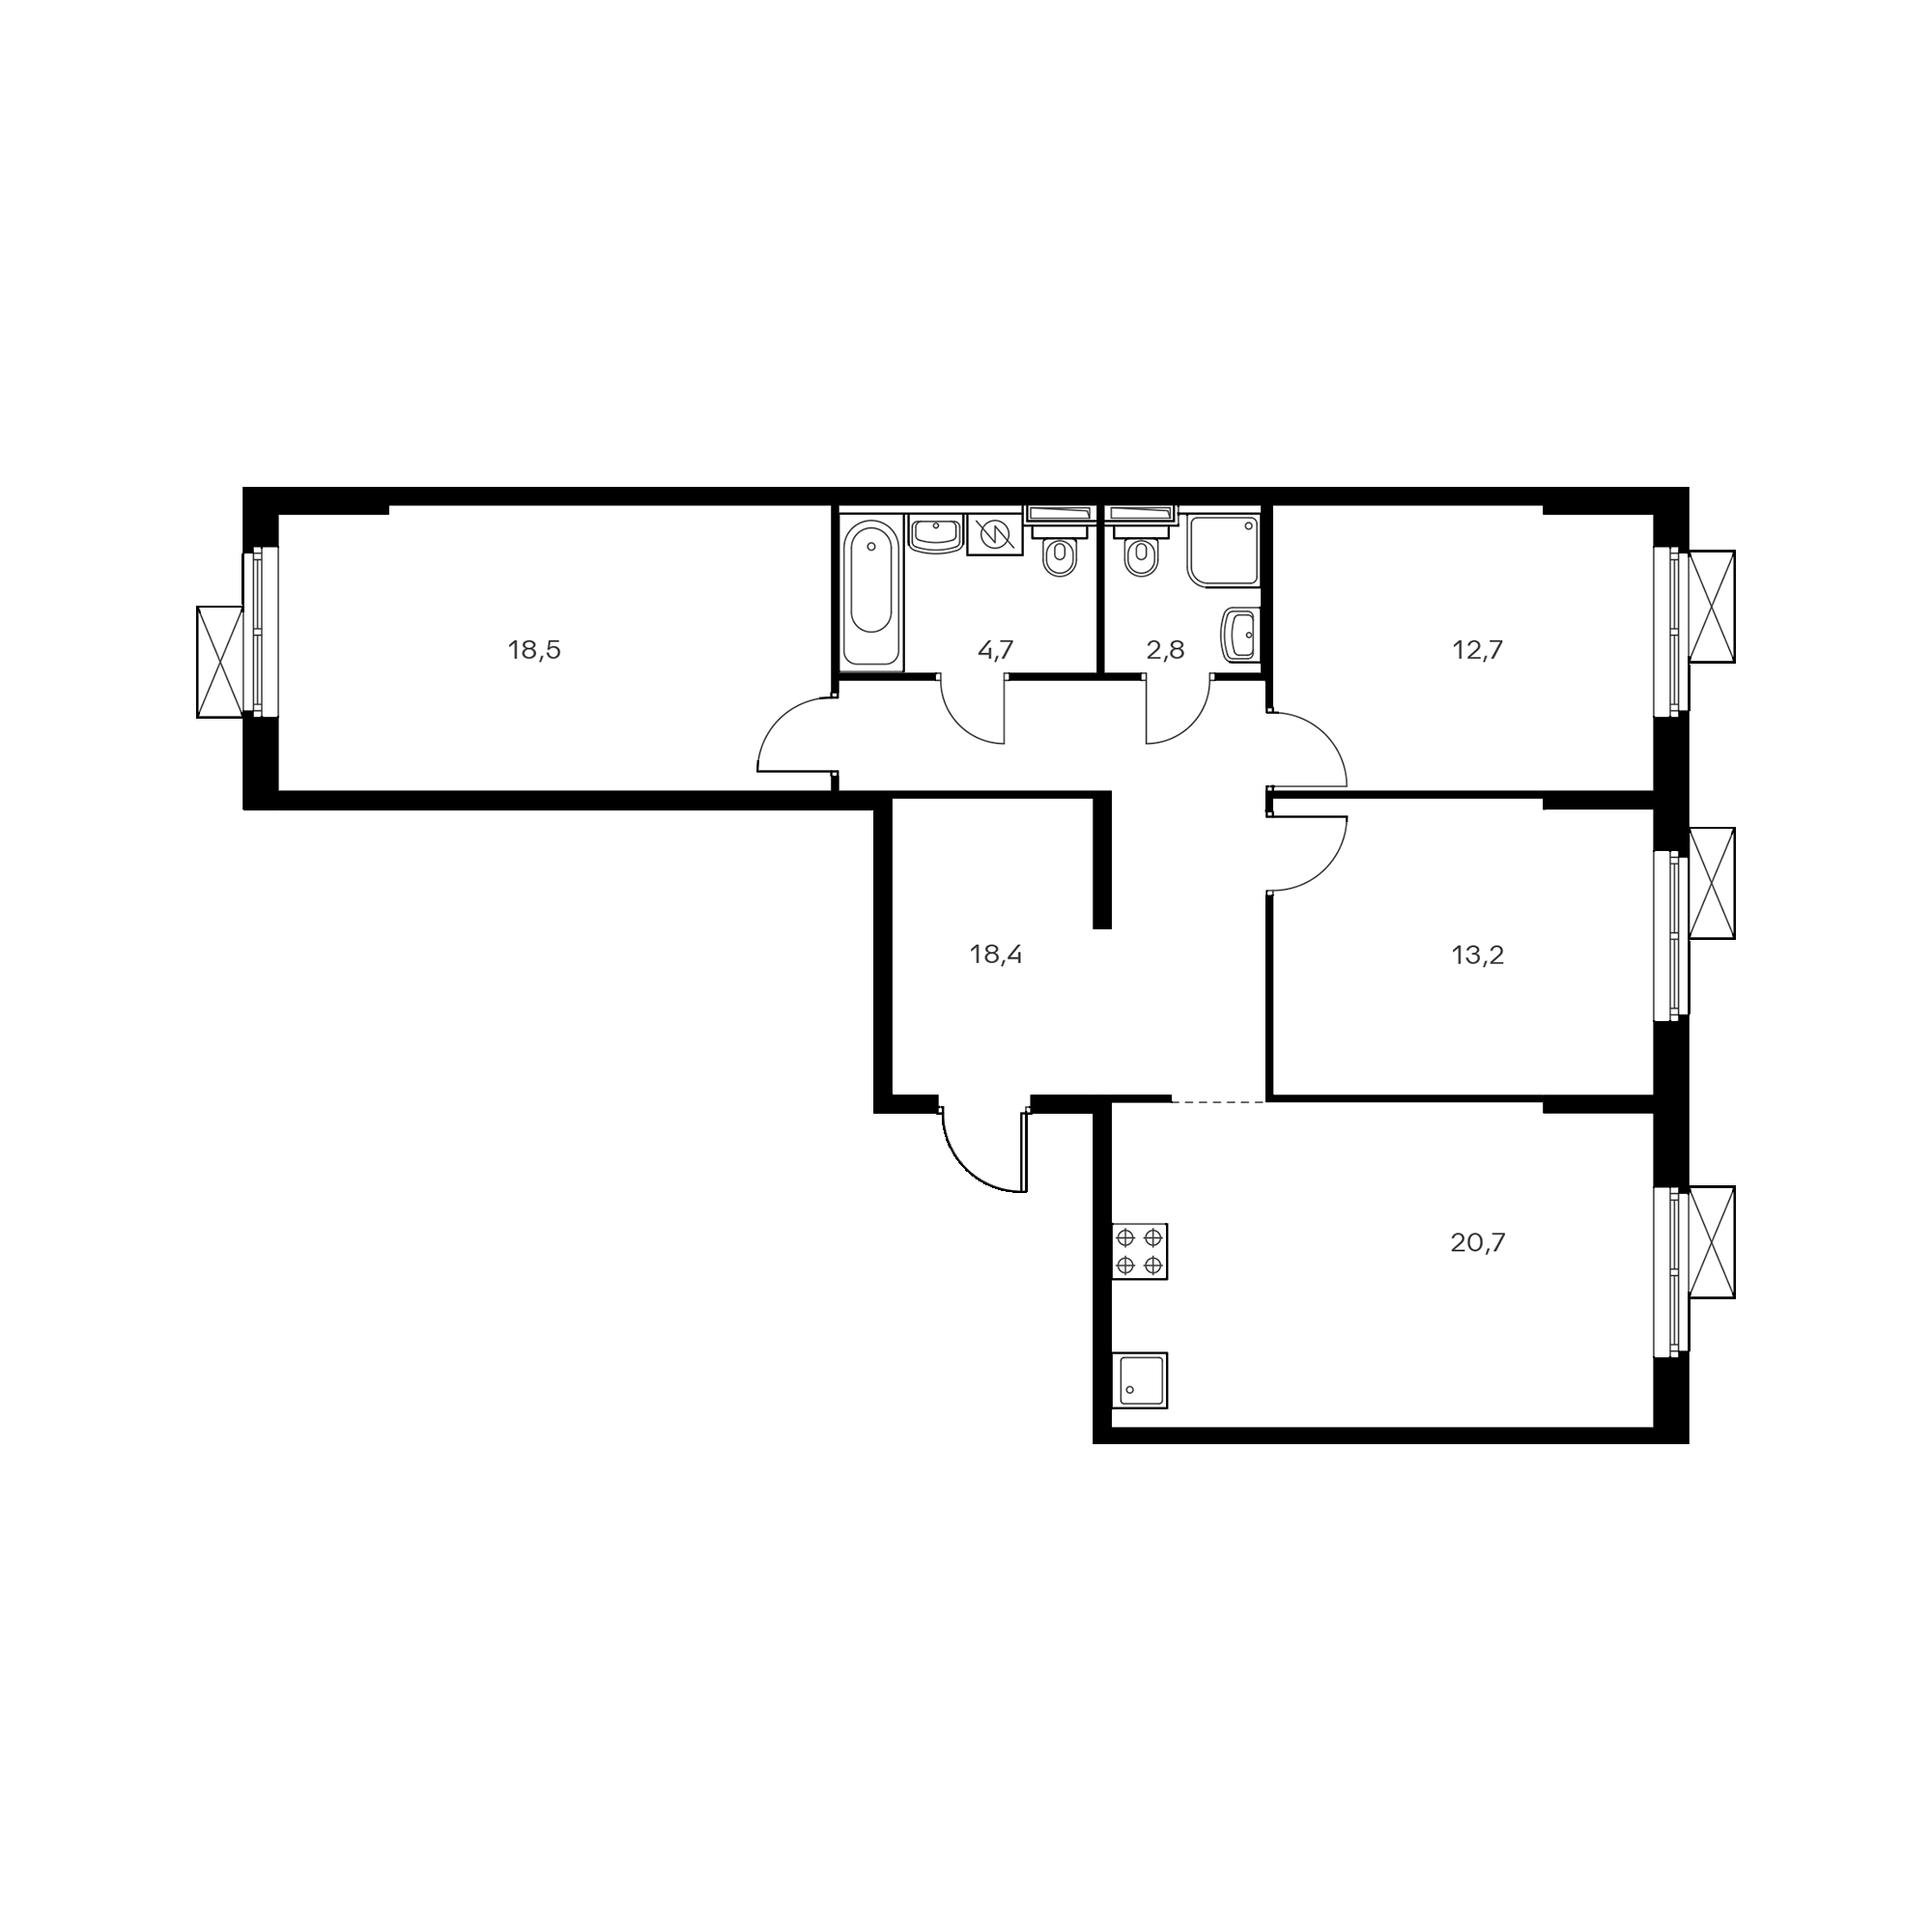 3EL3_10.2-1_S_A2